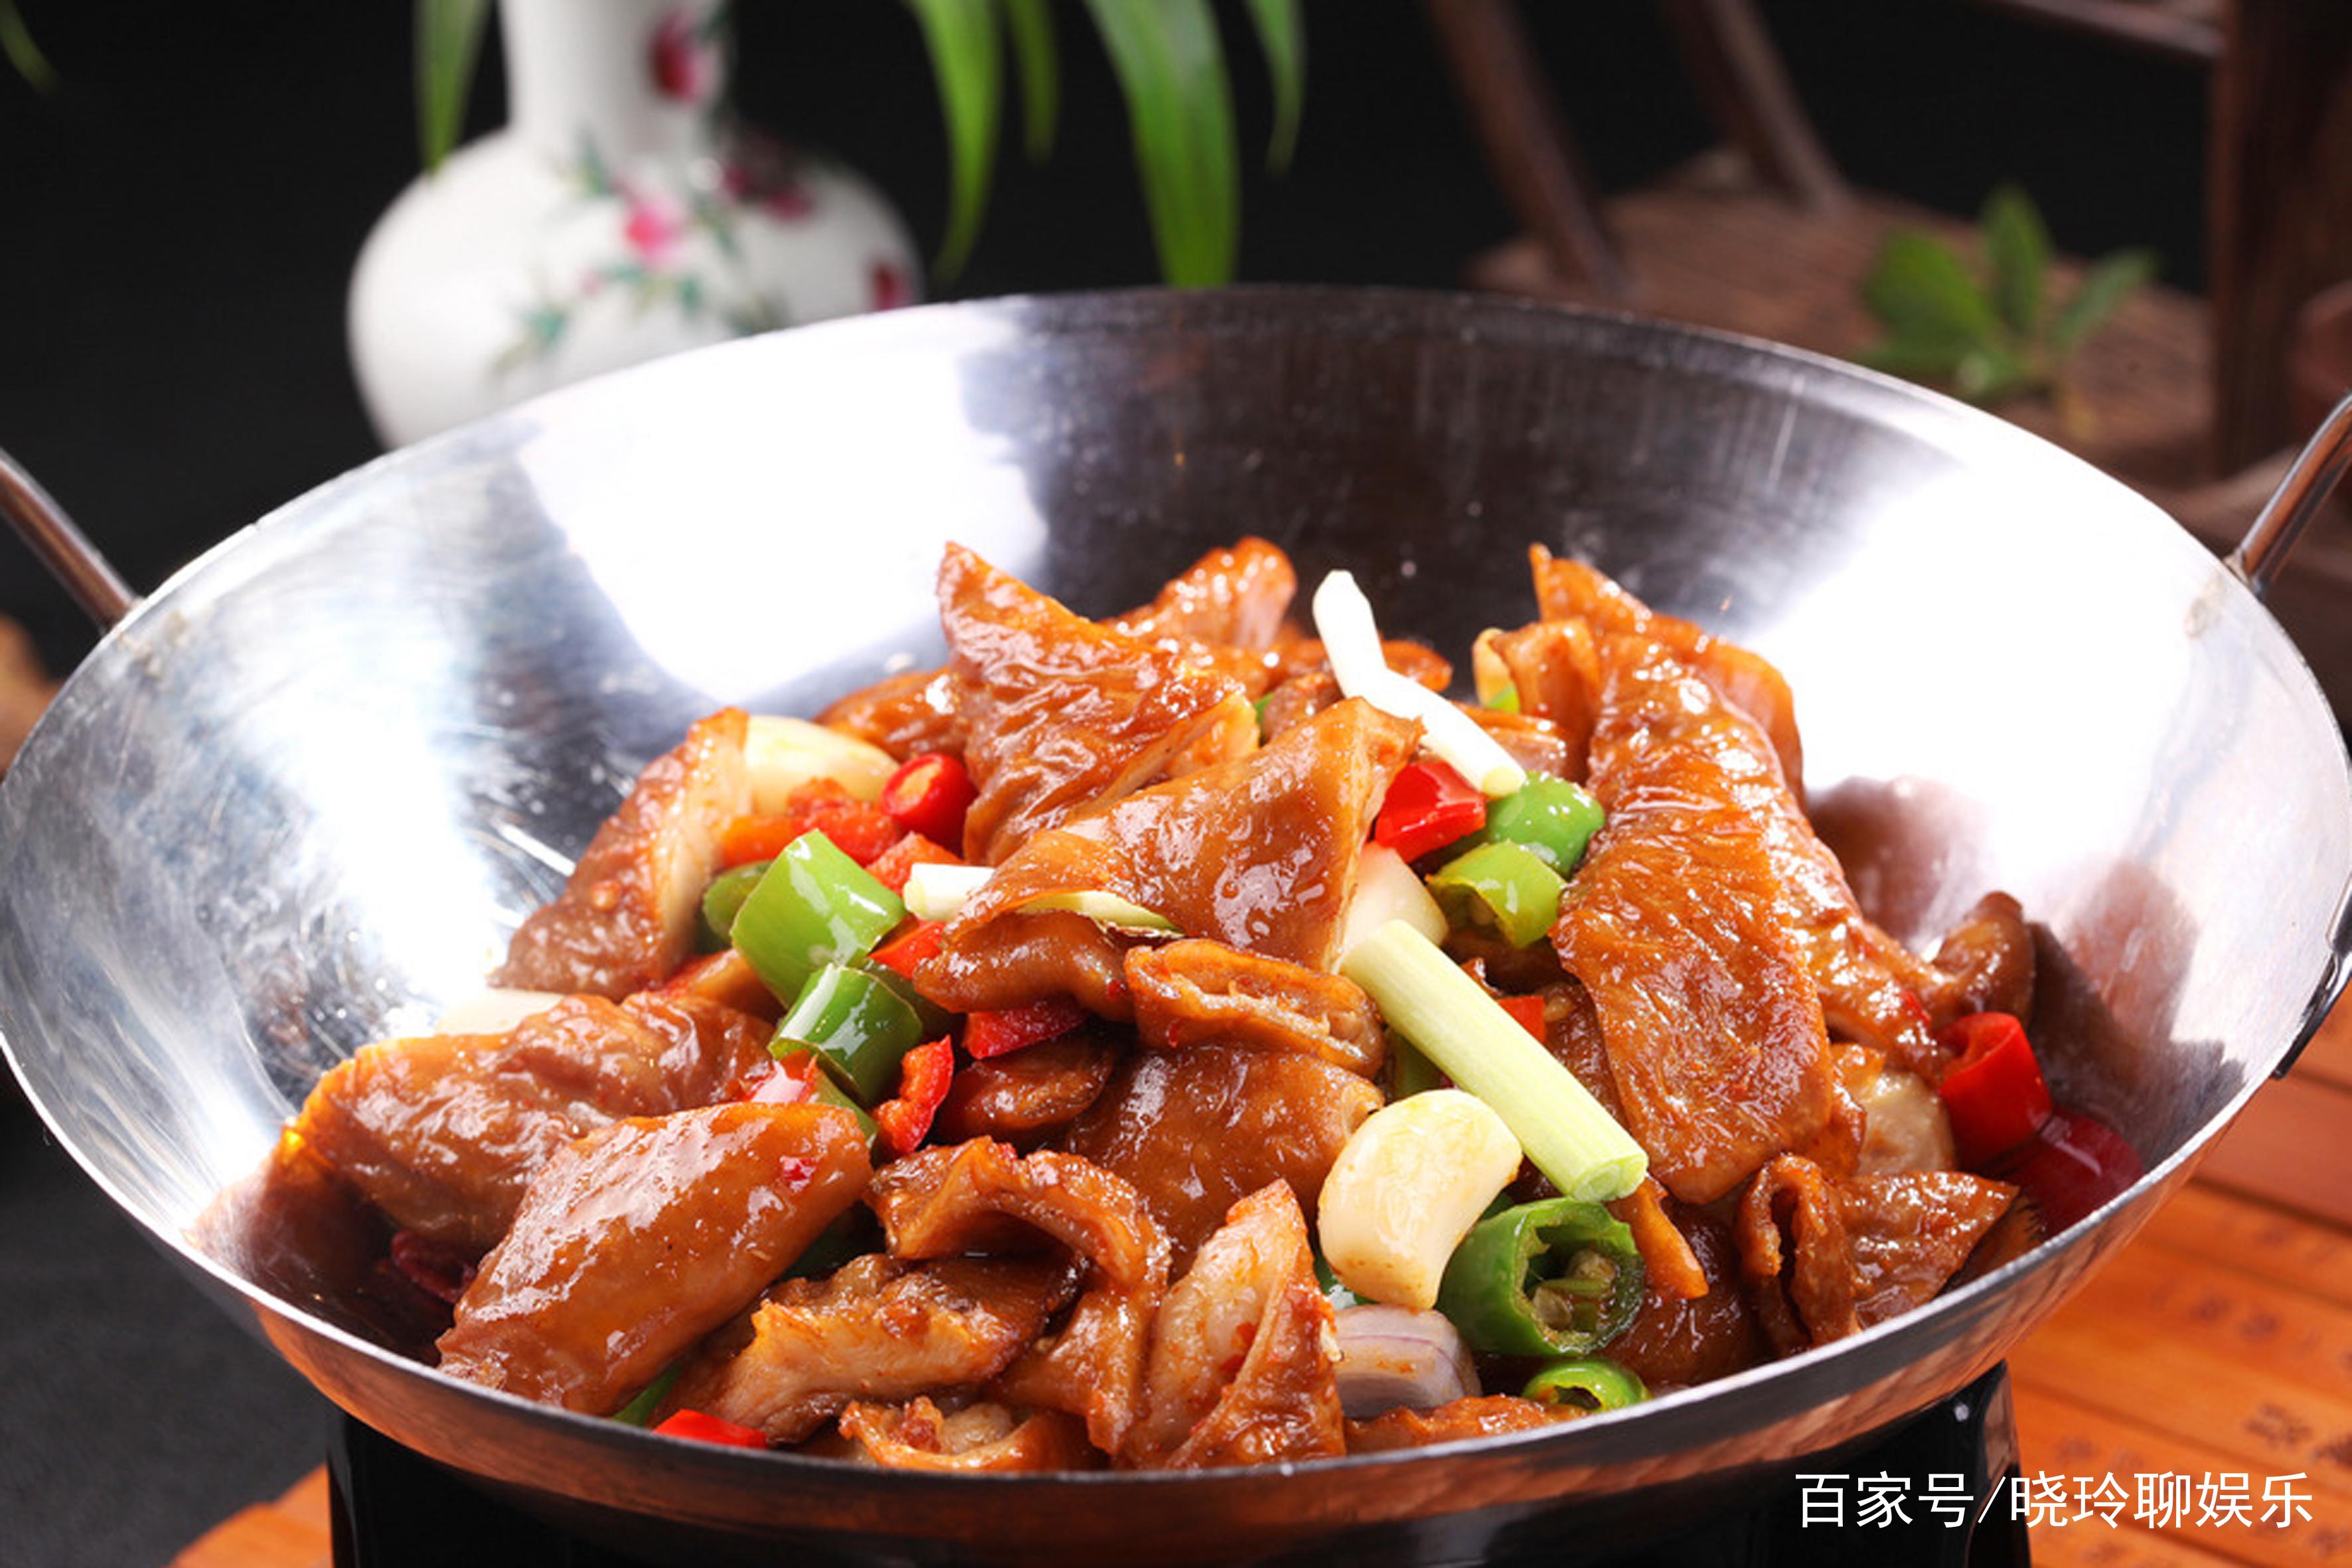 干锅:六道美味可口,肉质好吃,无比鲜美的美食美食超辣图片图片